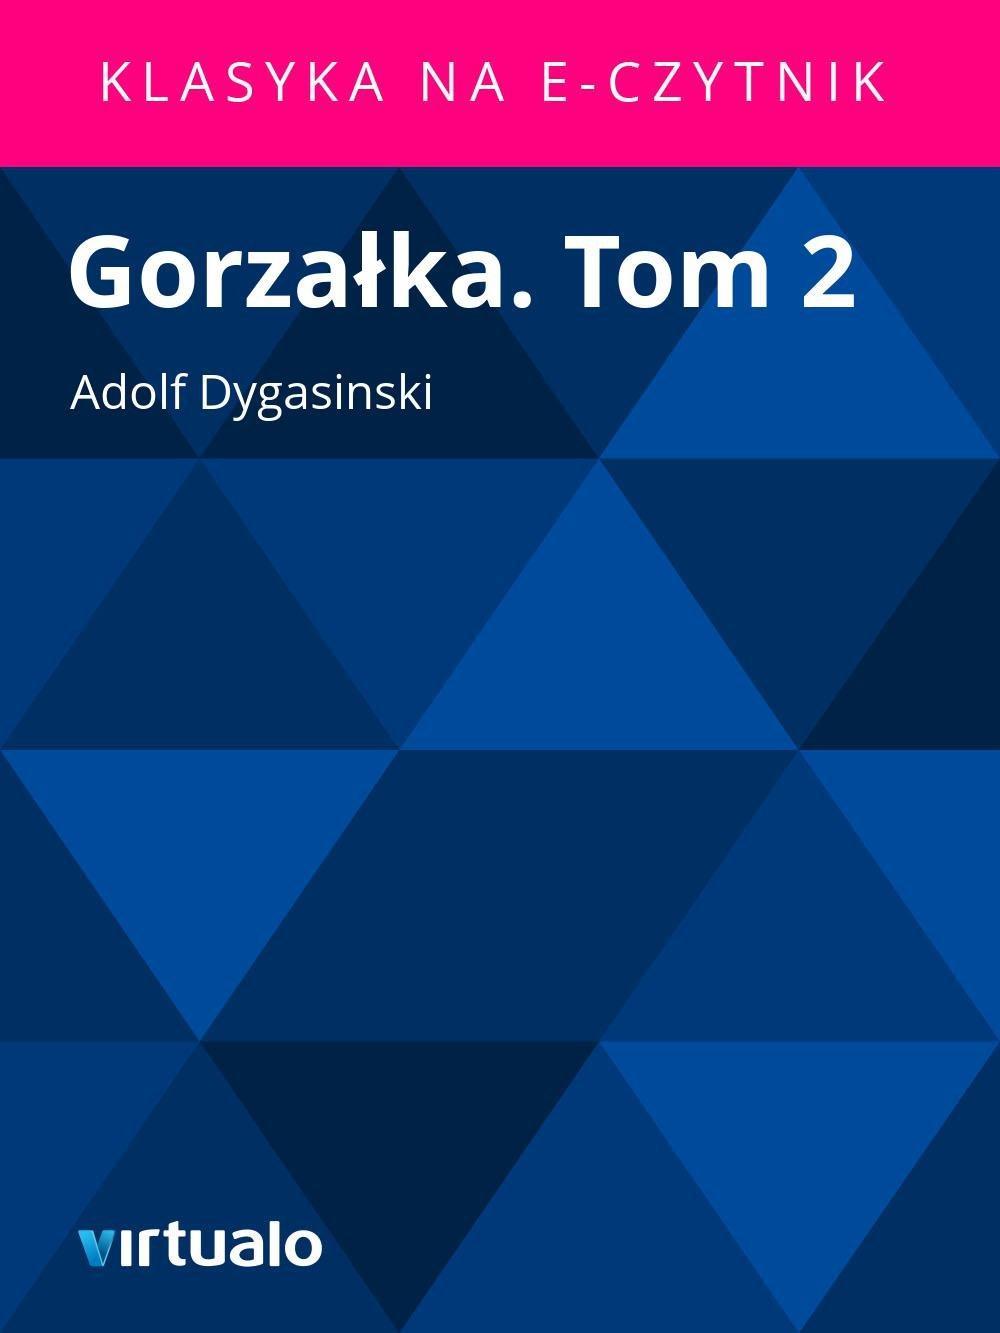 Gorzałka. Tom 2 - Ebook (Książka EPUB) do pobrania w formacie EPUB